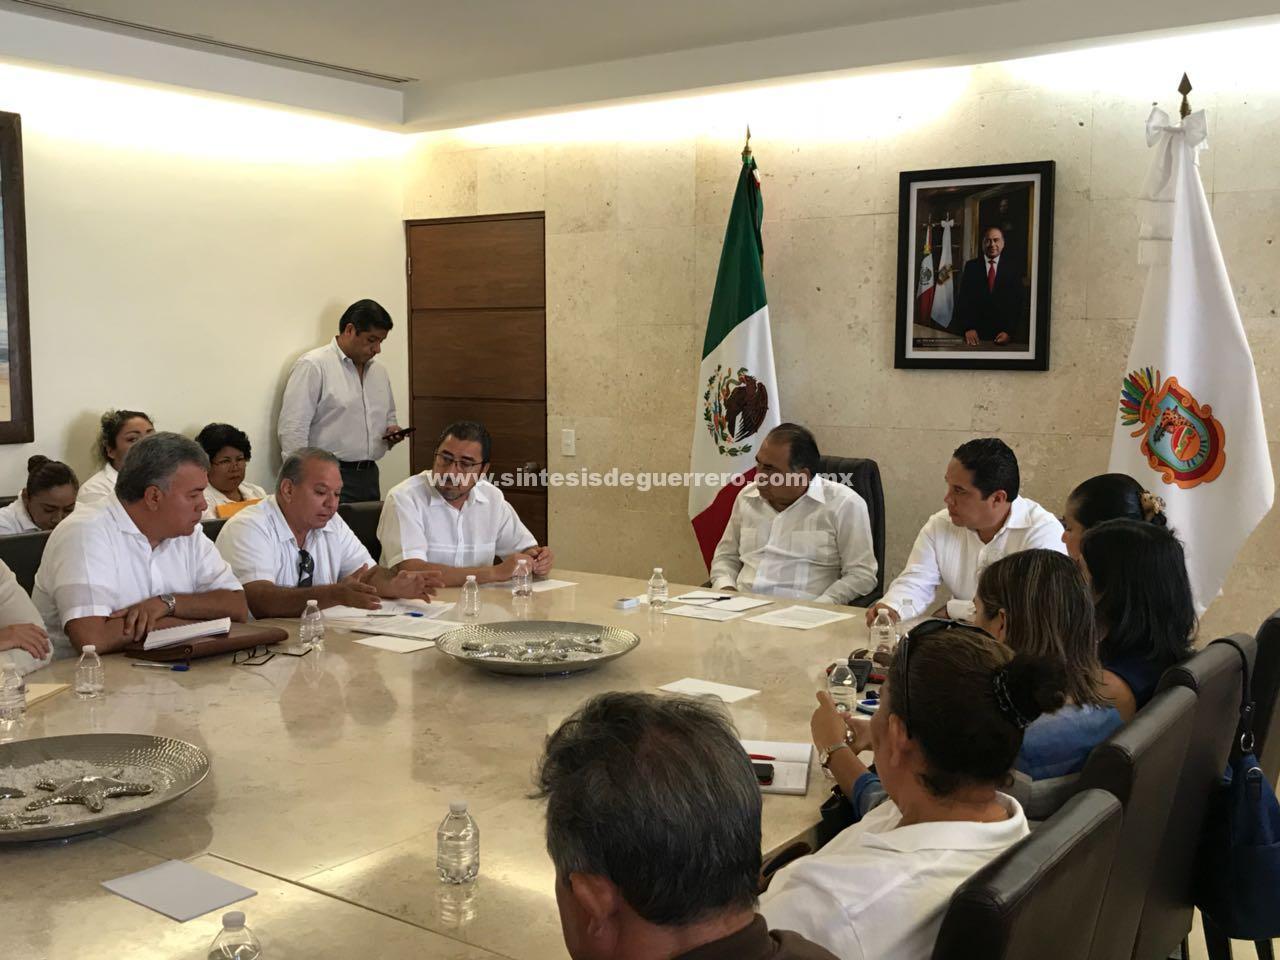 (Video) Reconoce Evodio voluntad política y compromiso de Astudillo por atender a familiares de desaparecidos